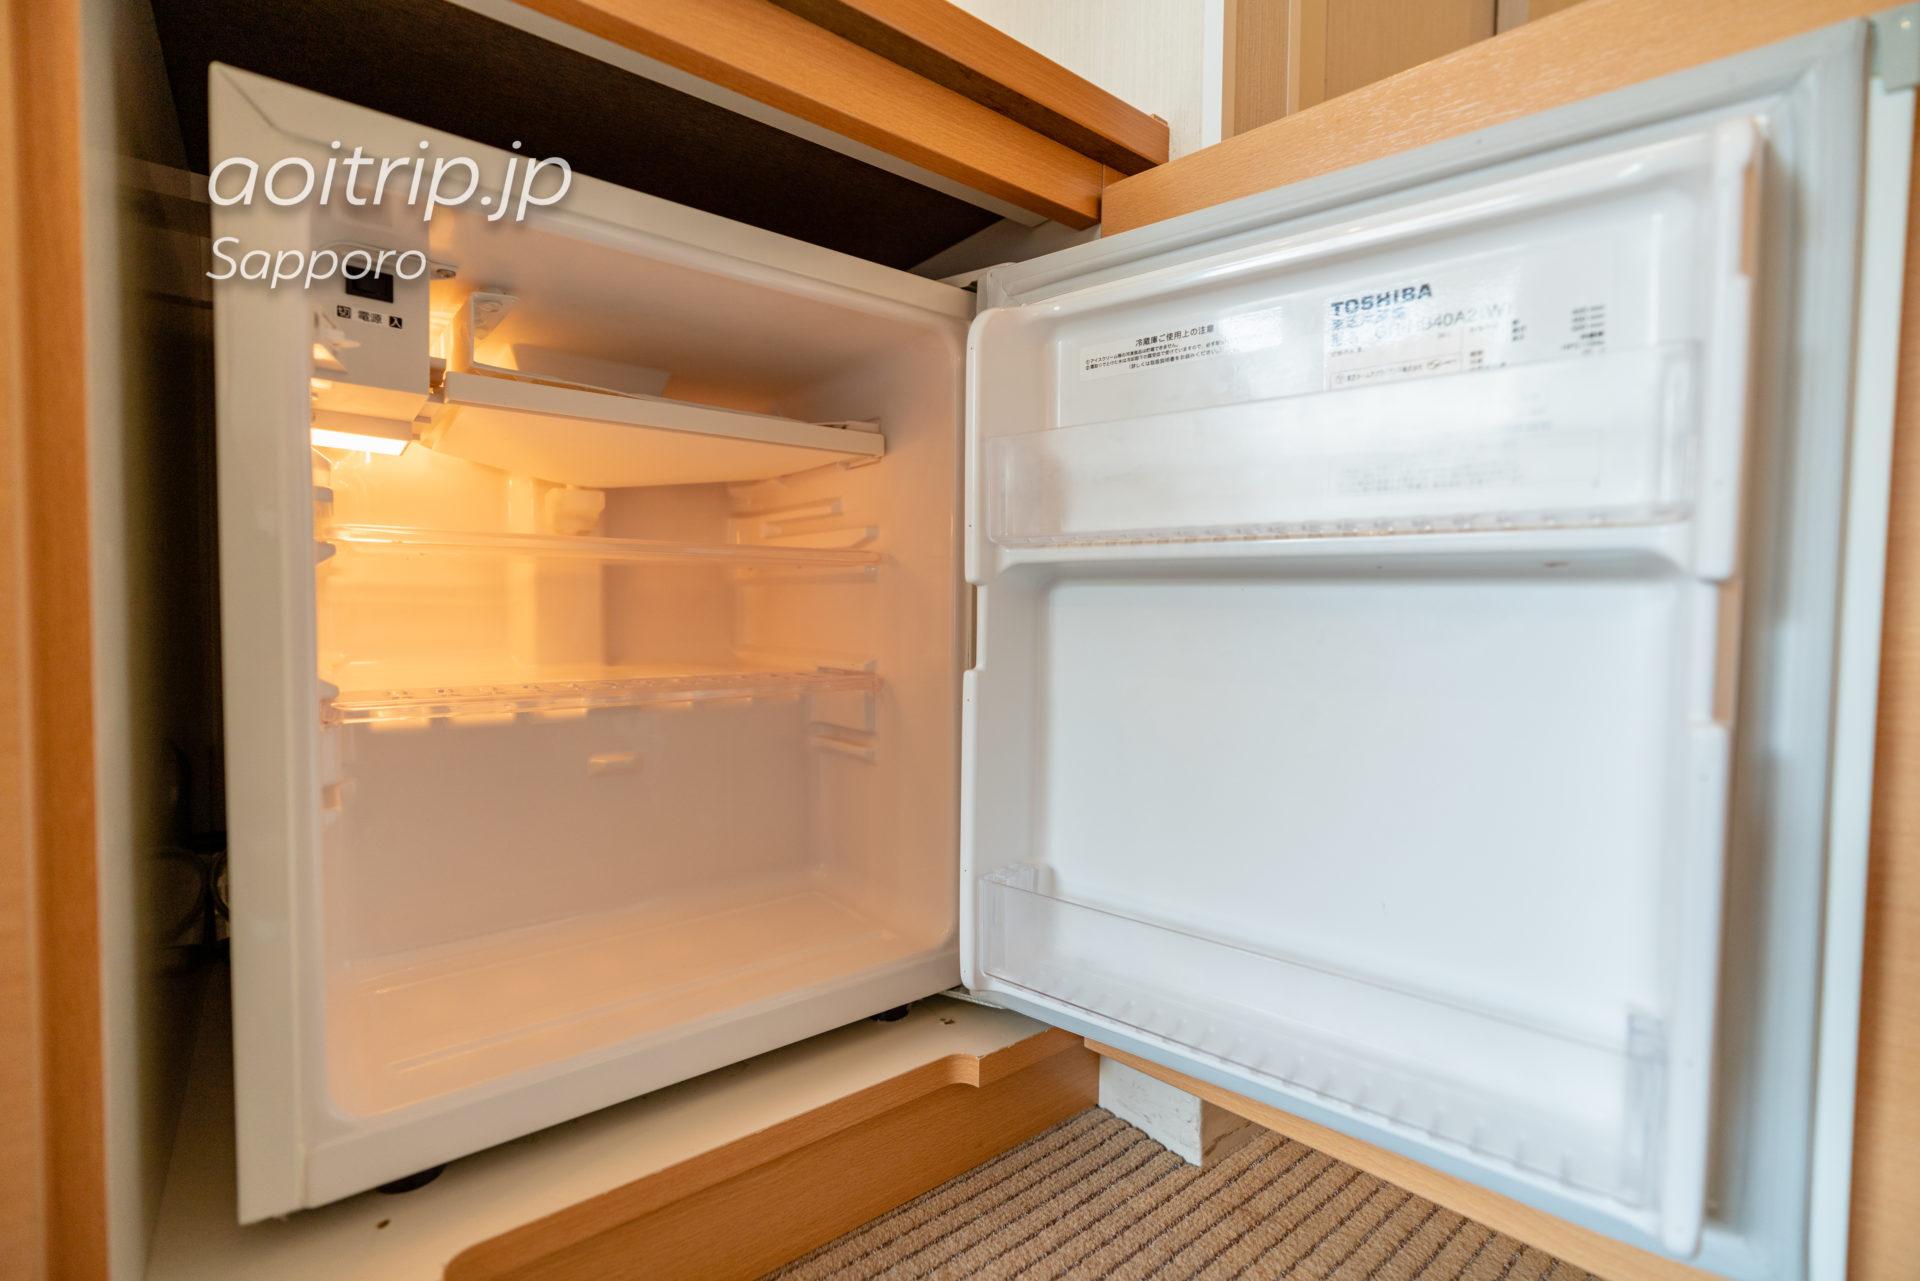 札幌ビューホテル大通公園の冷蔵庫